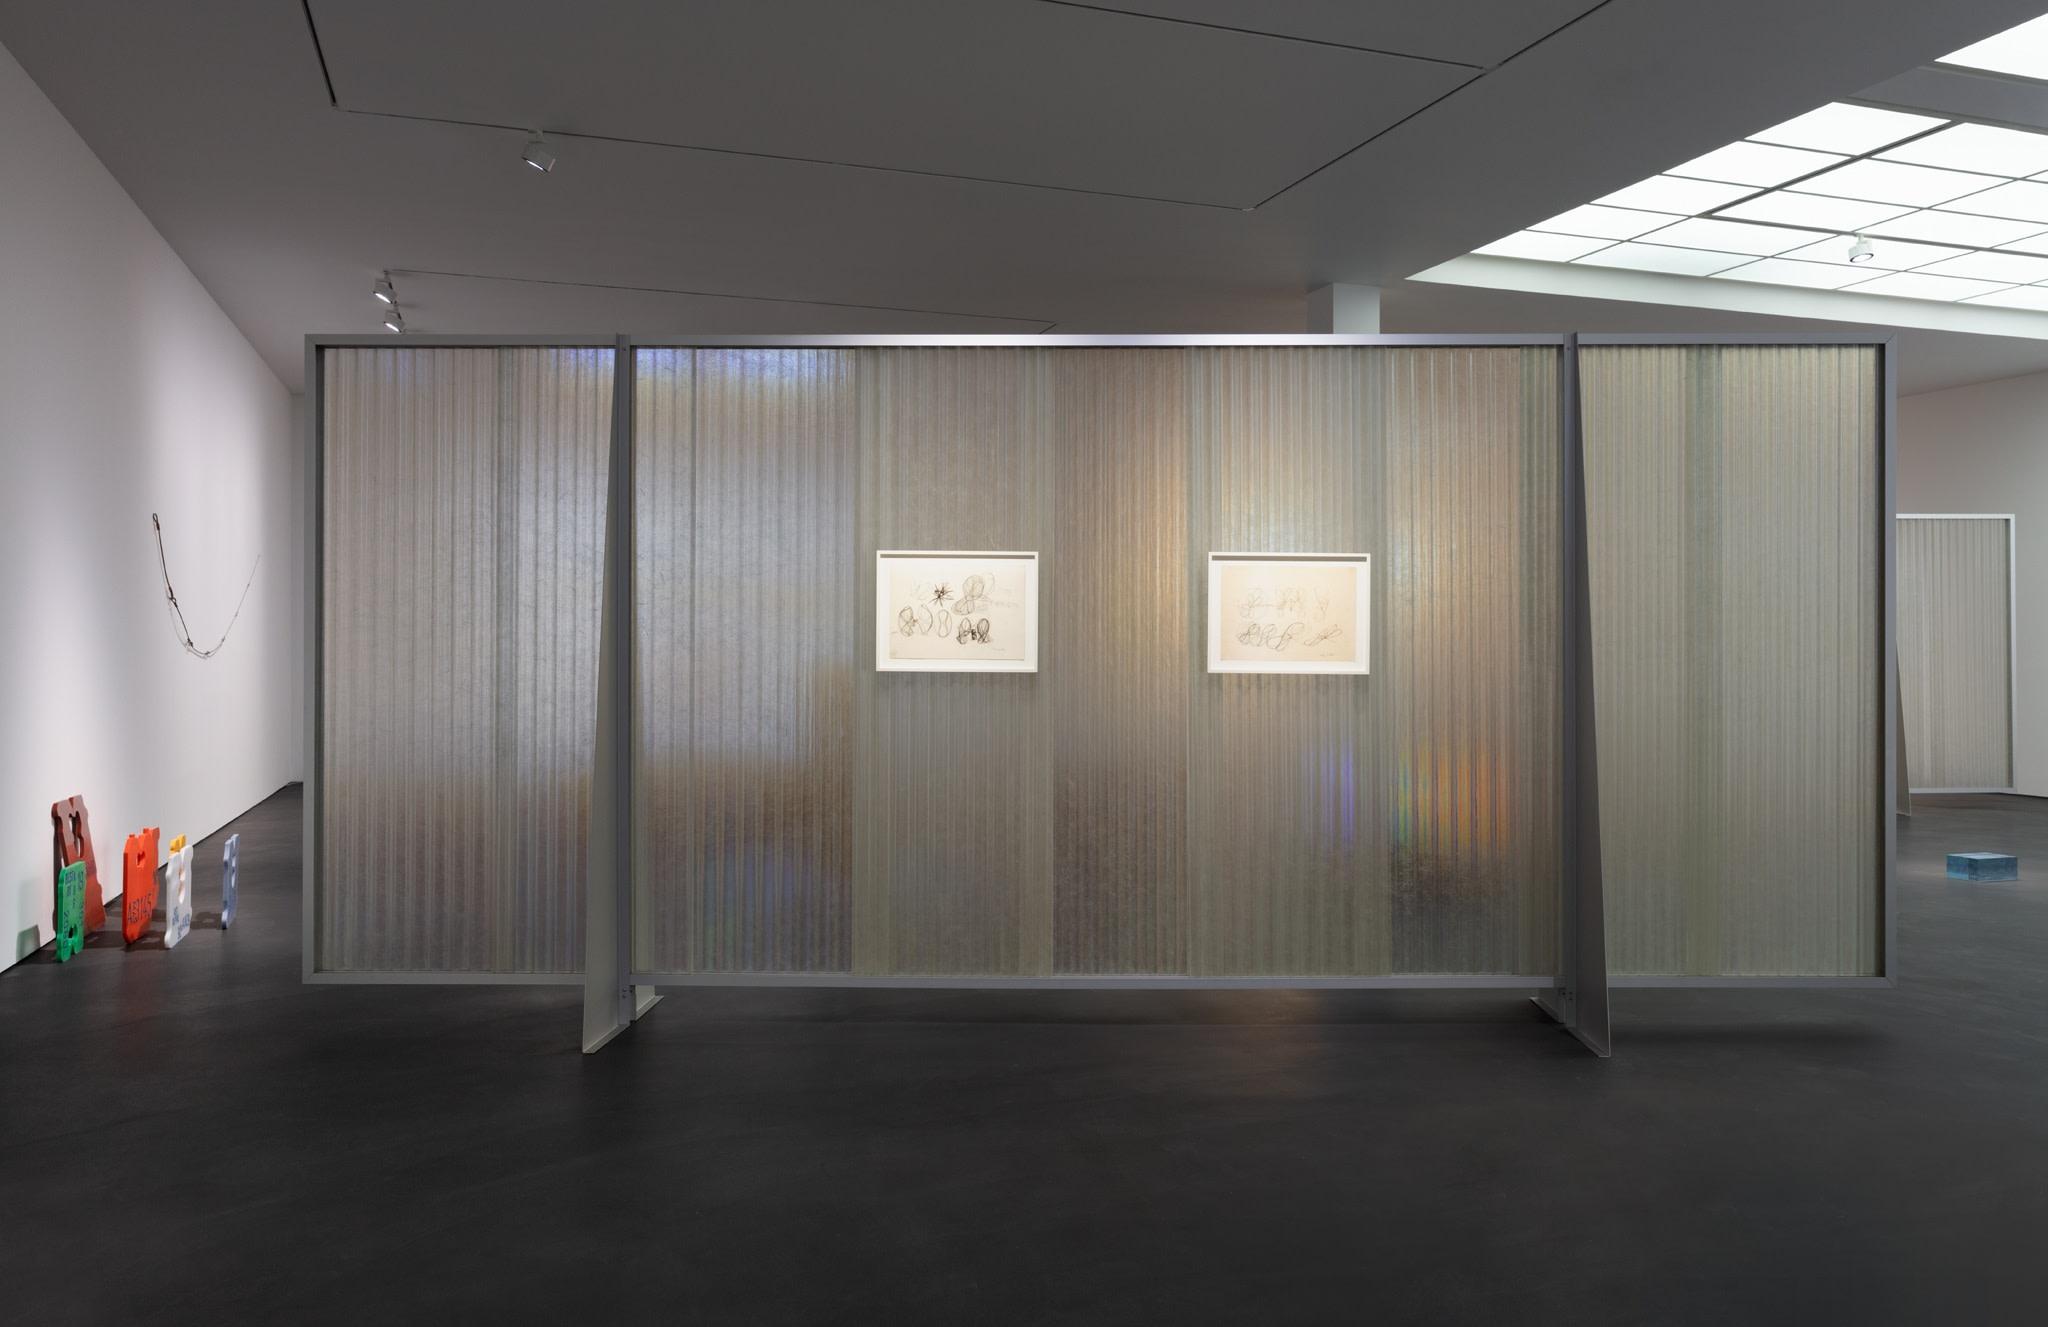 Exhibition view: PS81E, Esther Schipper, Berlin, 2020. Photo © Andrea Rossetti